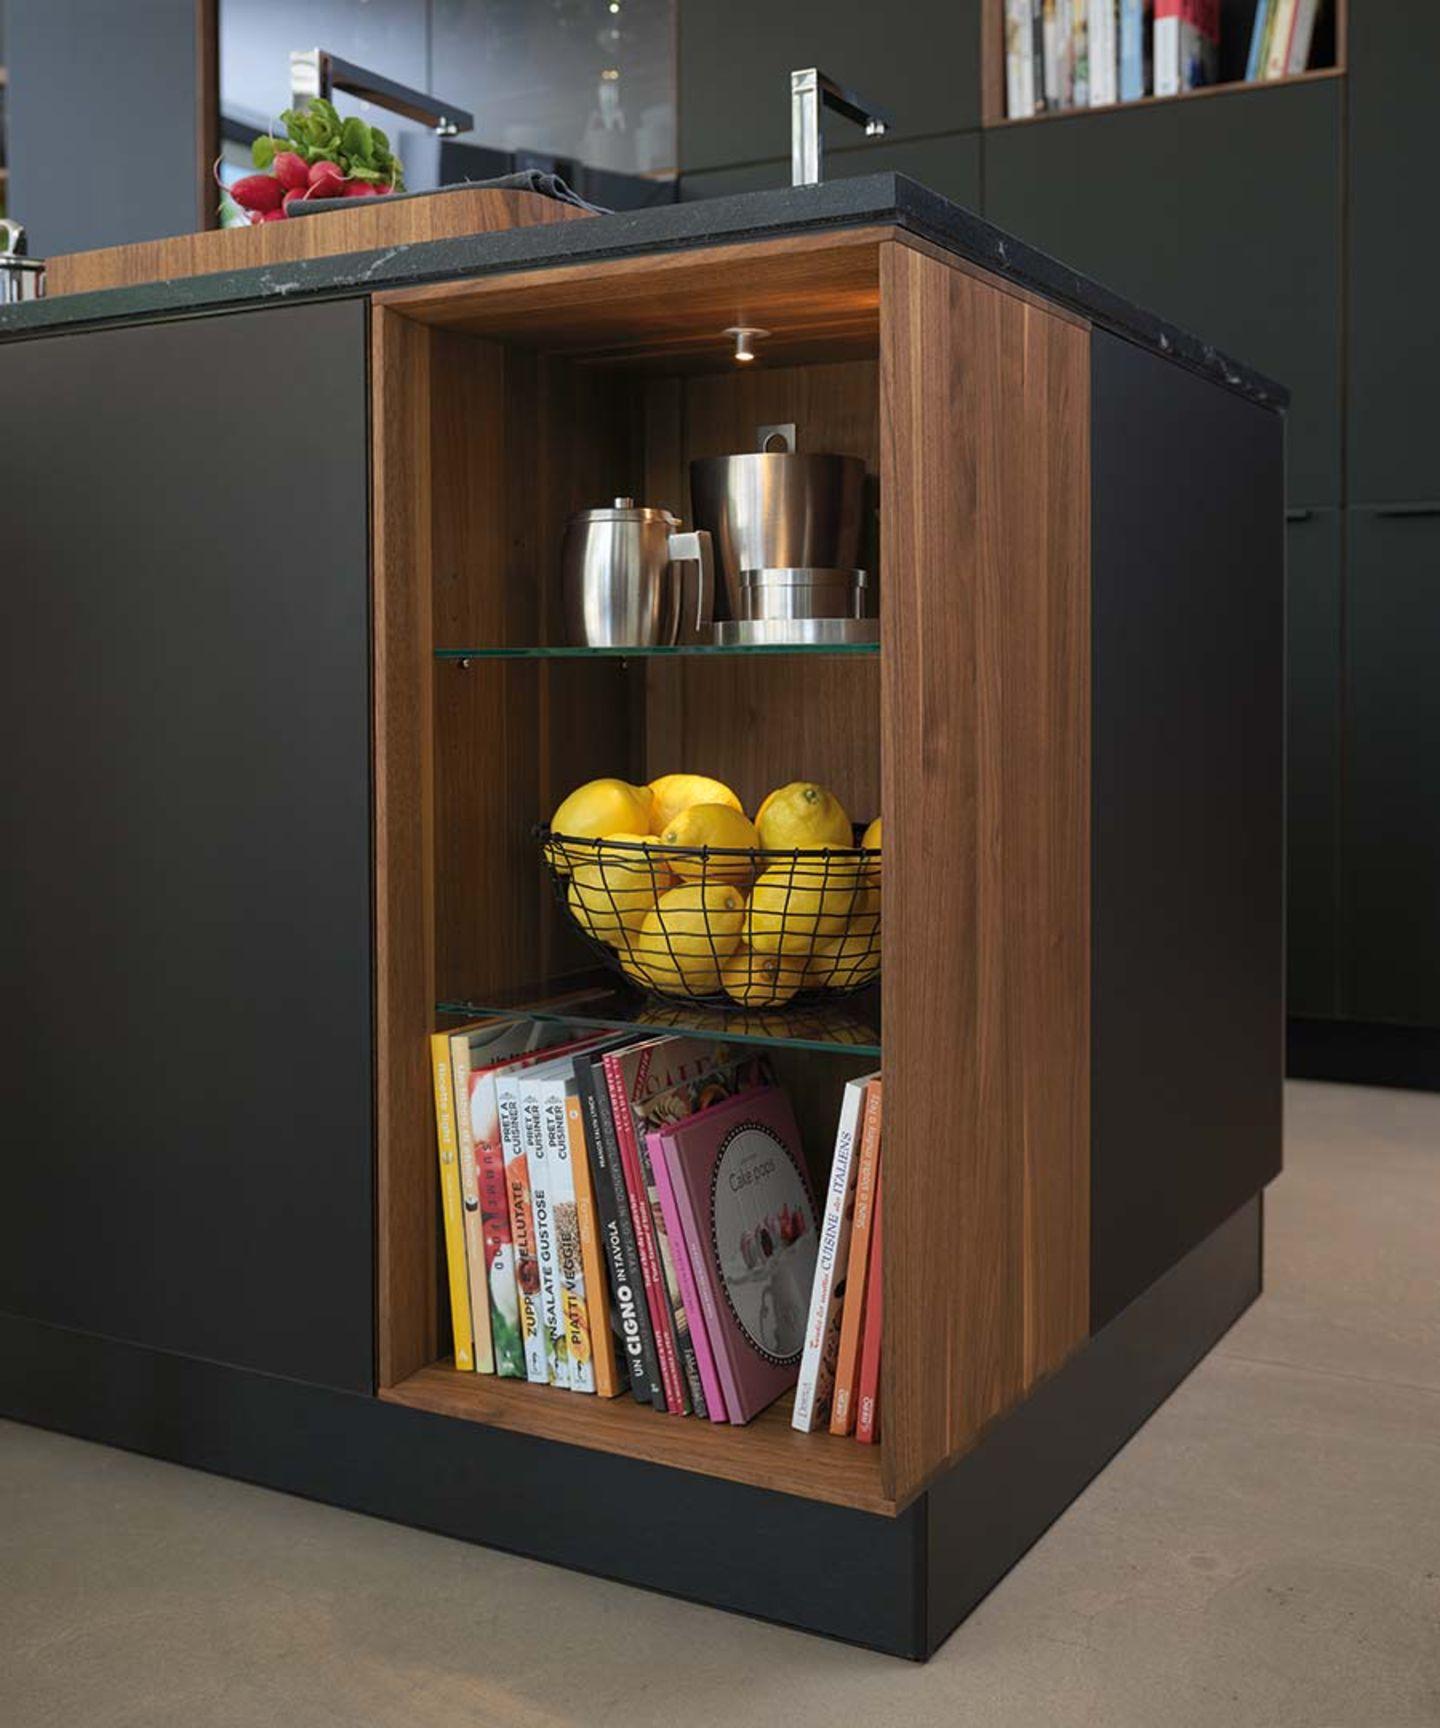 Küche black line mit offenen Gestaltungselementen